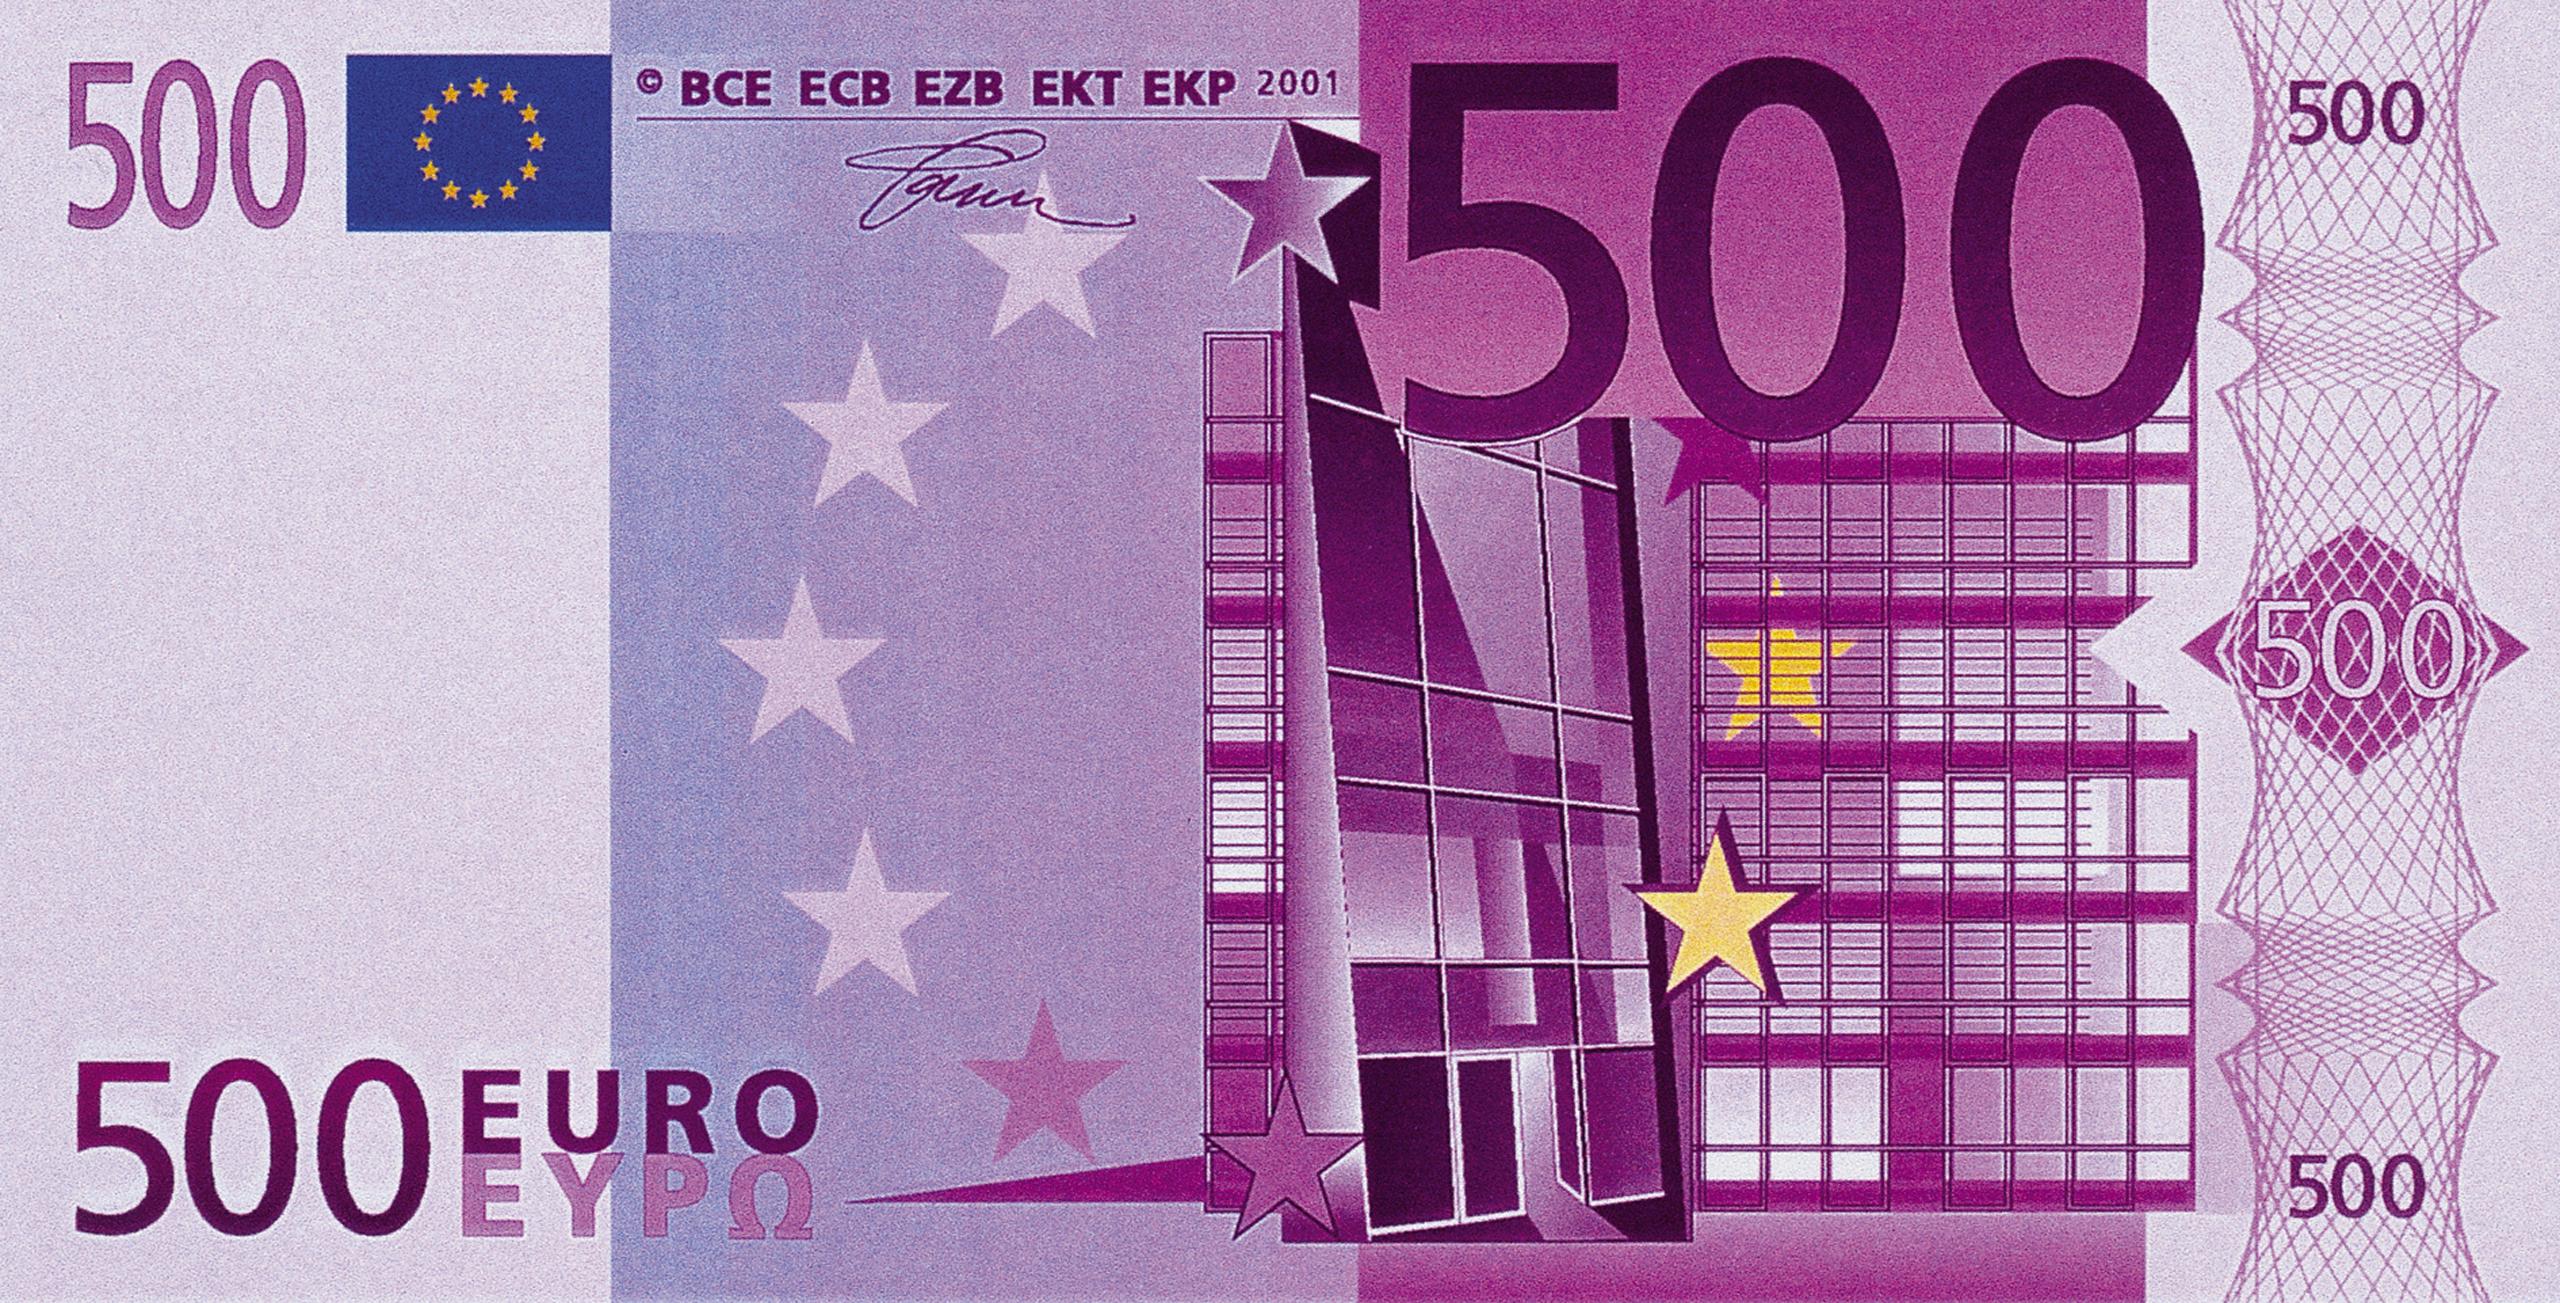 Банкнота 2002 года номиналом 500 евро: цвет – фиолетовый, архитектурный стиль – современная архитектура. Источник http://raznie.ru/